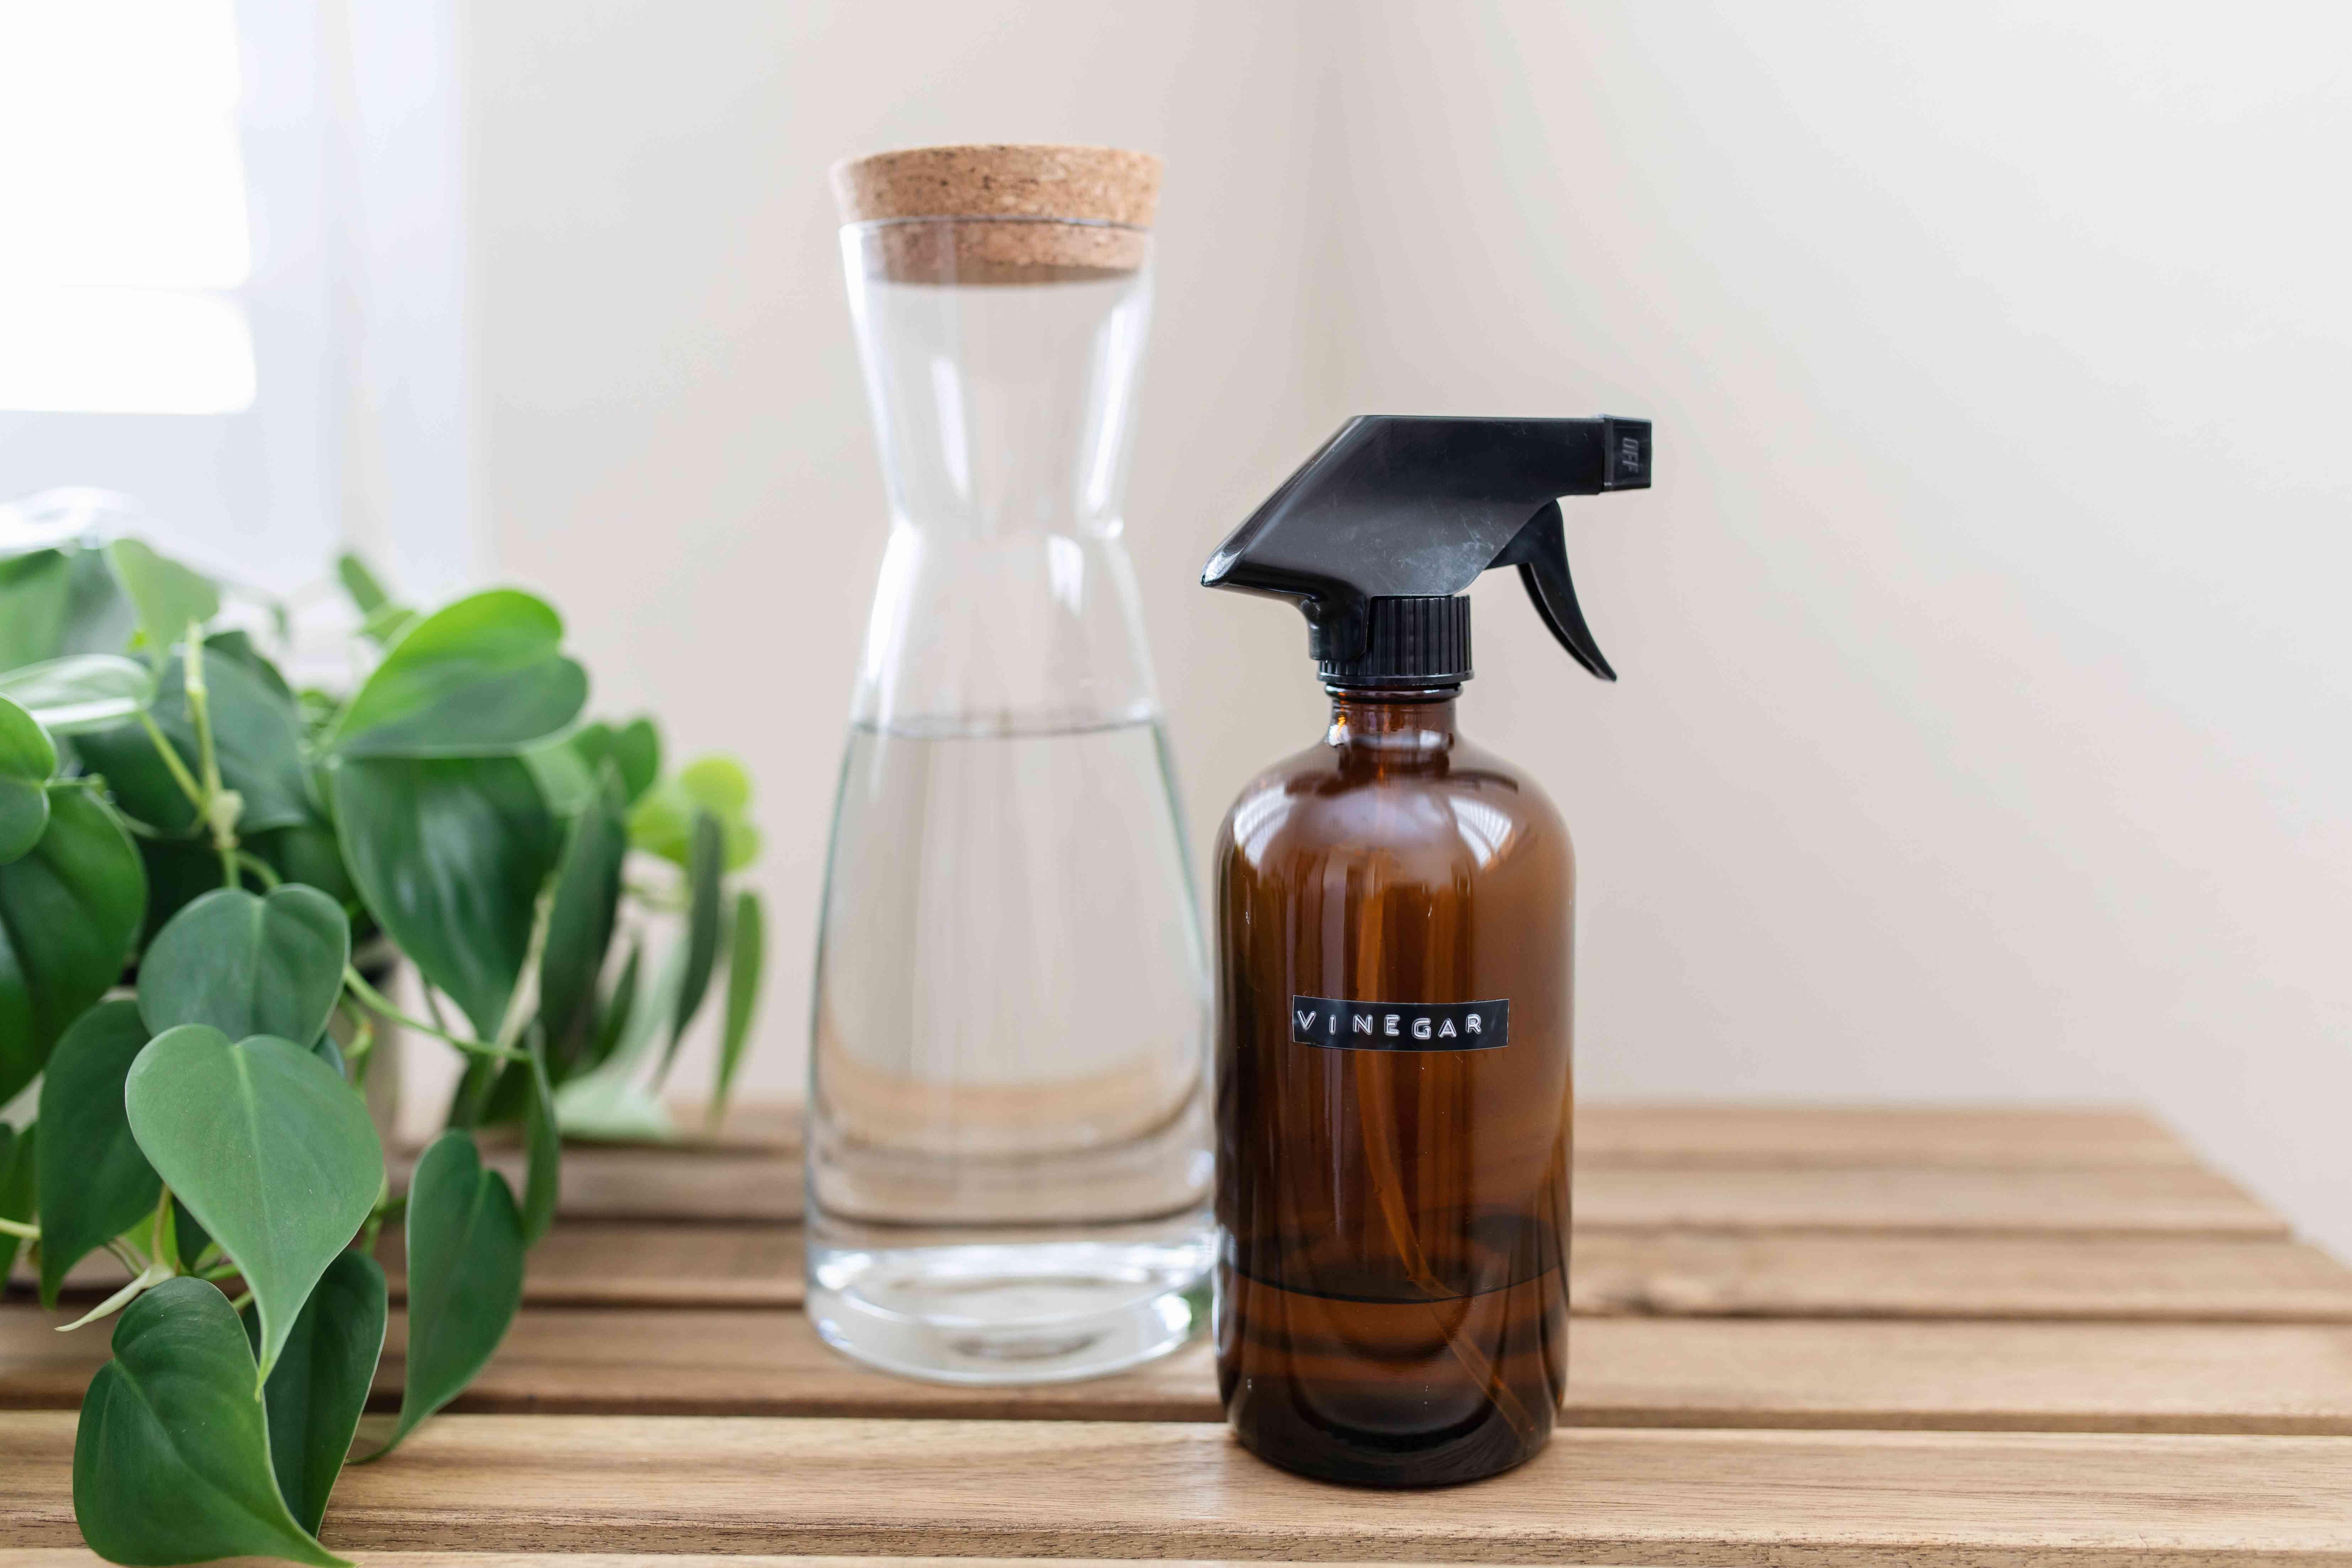 spray bottle of vinegar